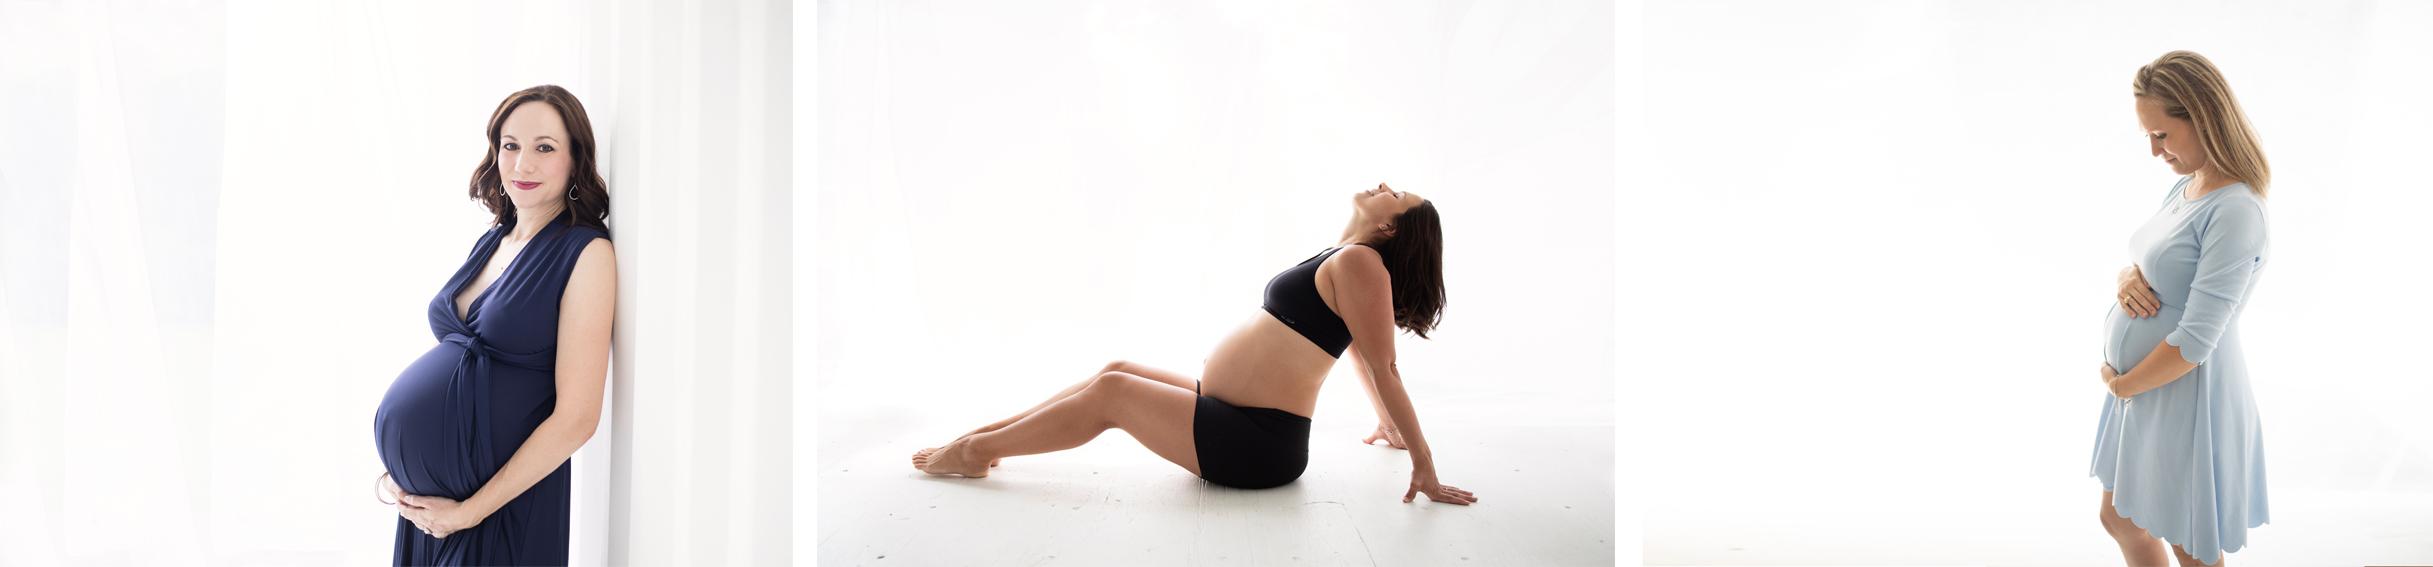 maternity-banner.jpg